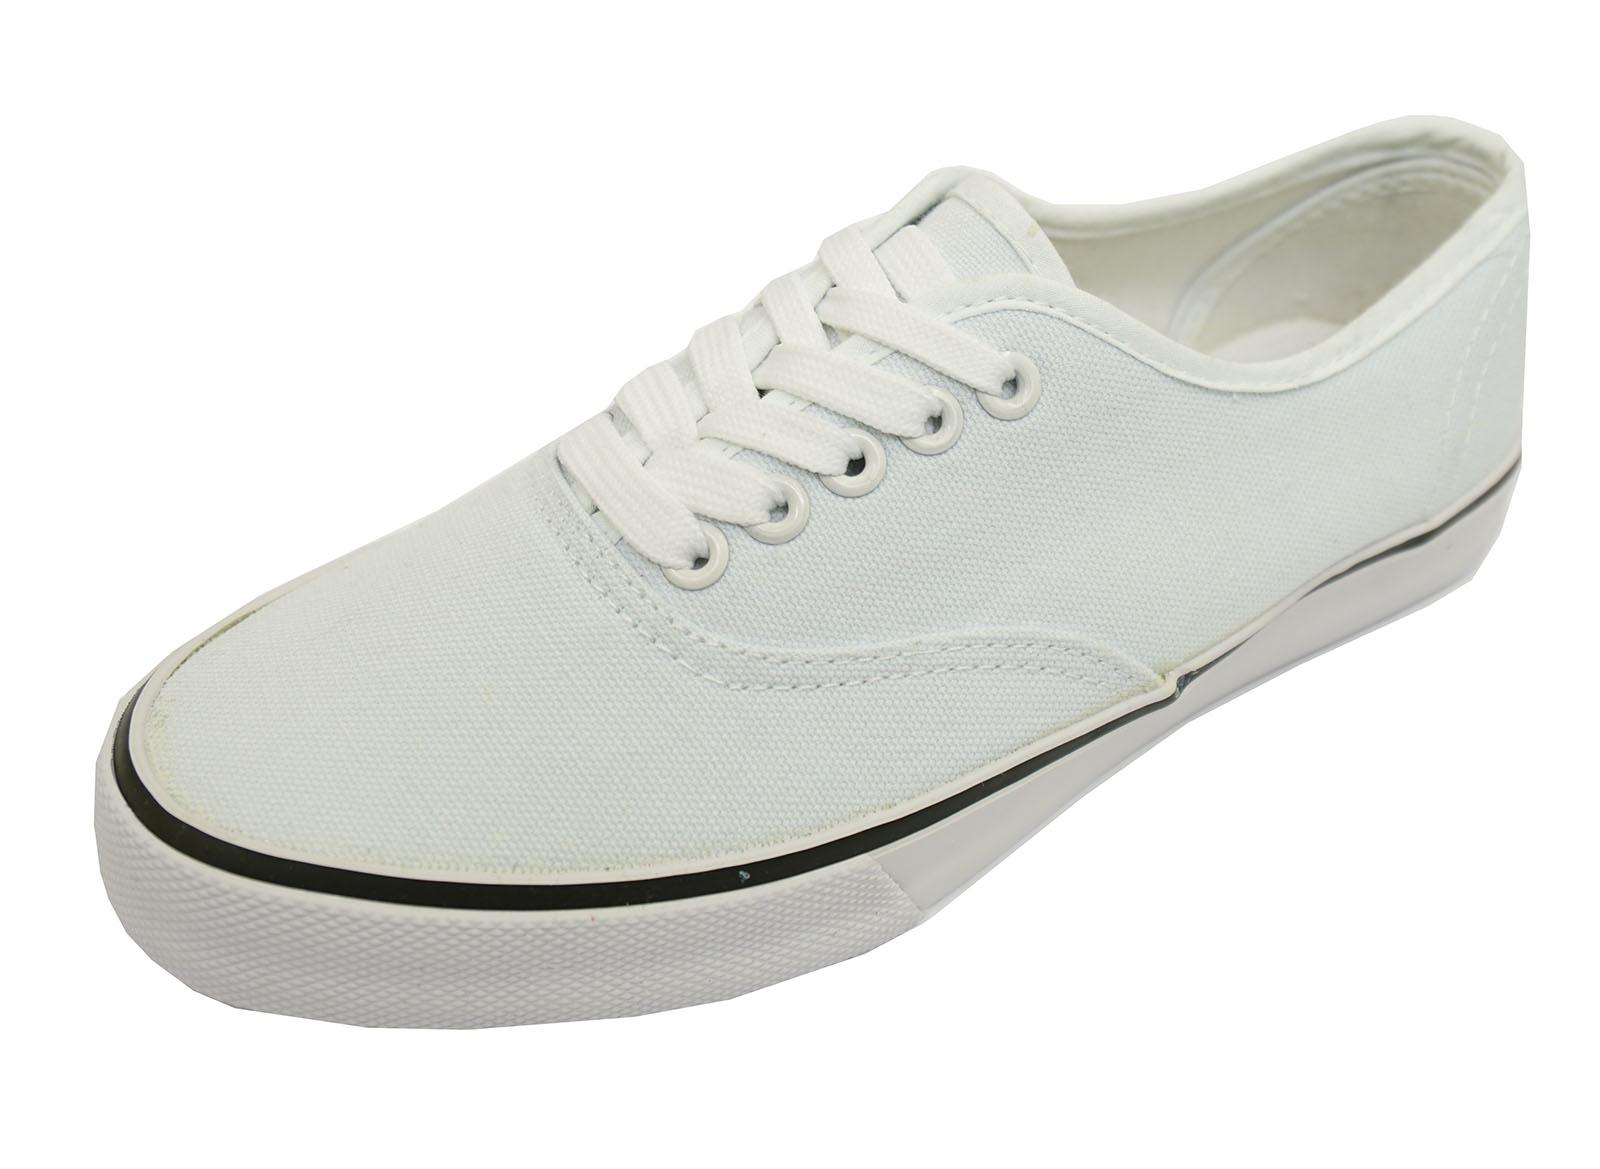 Mujer Blanco Con Cordones Lona Plano Zapatillas Zapatos Casual Número 3-8